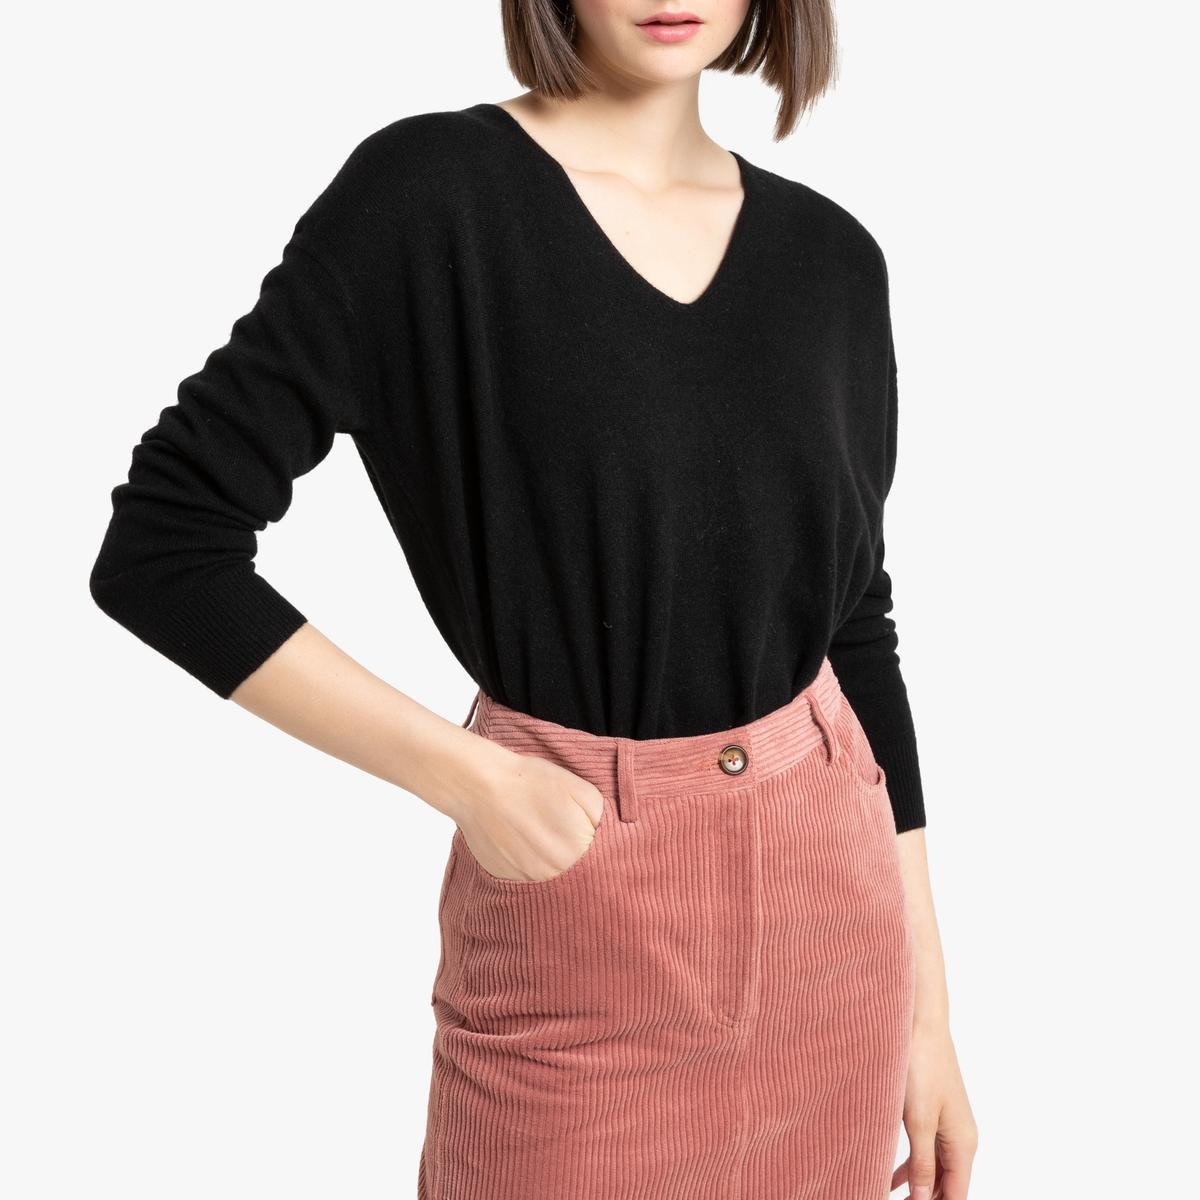 Пуловер La Redoute Из кашемира с V-образным вырезом объемный покрой S черный